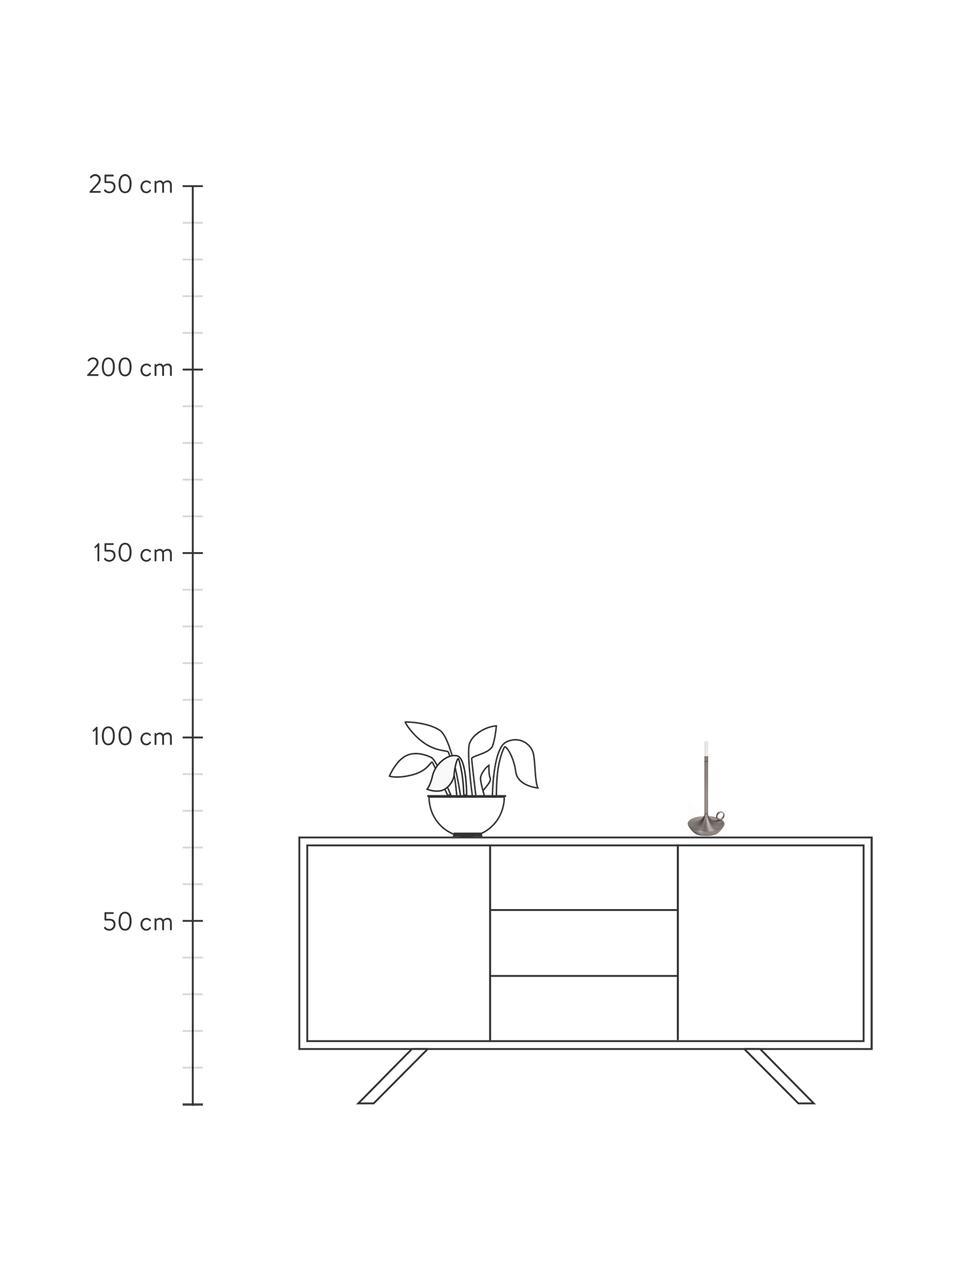 Kleine Mobile Dimmbare Tischlampe Wick mit Touchfunktion, Lampenfuß: Aluminium, recycelt und b, Lampenschirm: Kunststoff, Graphit, Ø 12 x H 26 cm